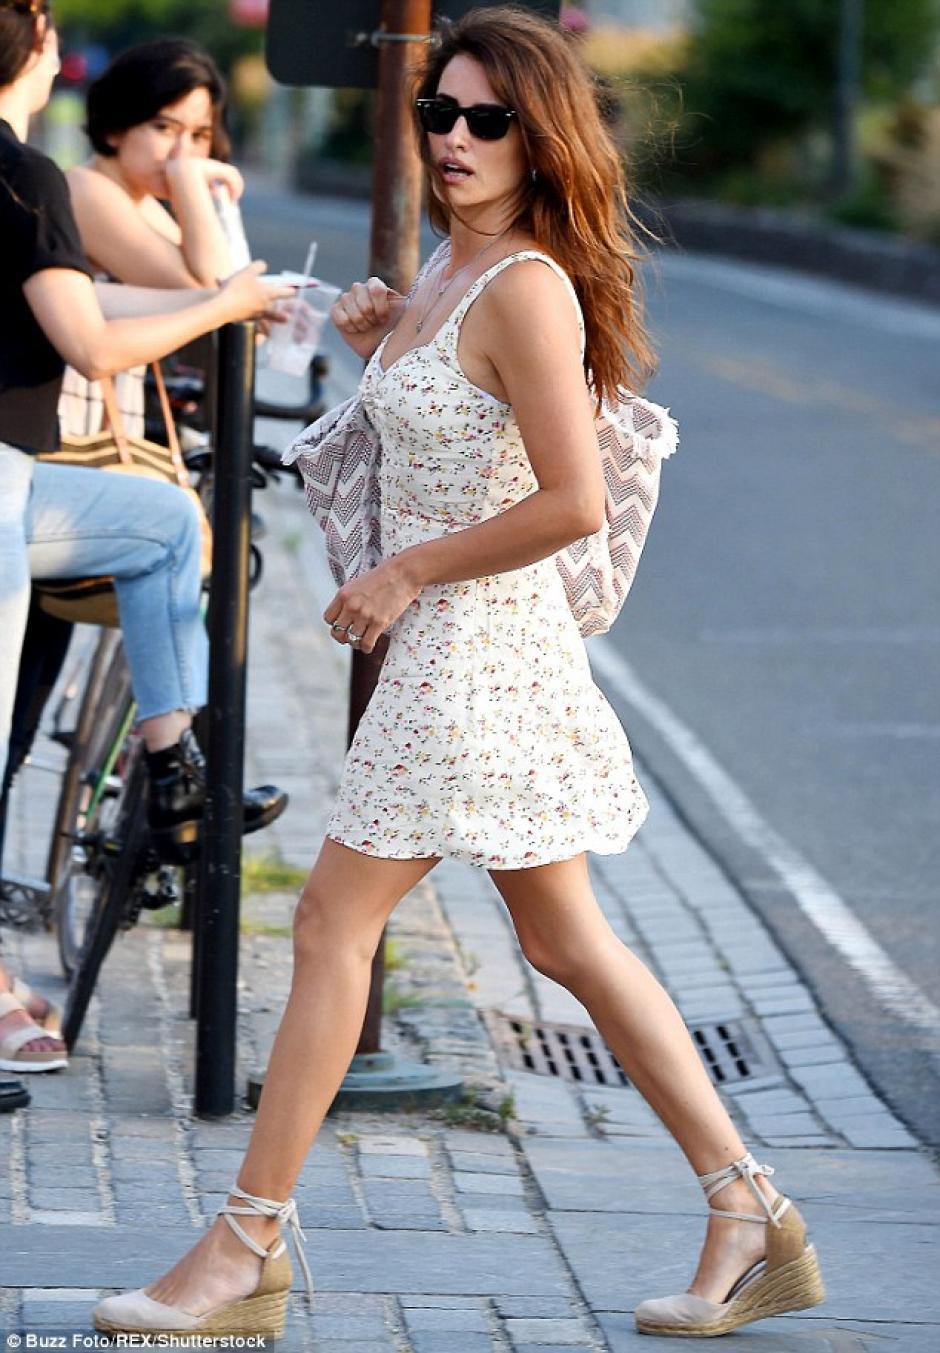 La actriz salió a pasear por Nueva York con un vestido corto. (Foto: Daily Mail)